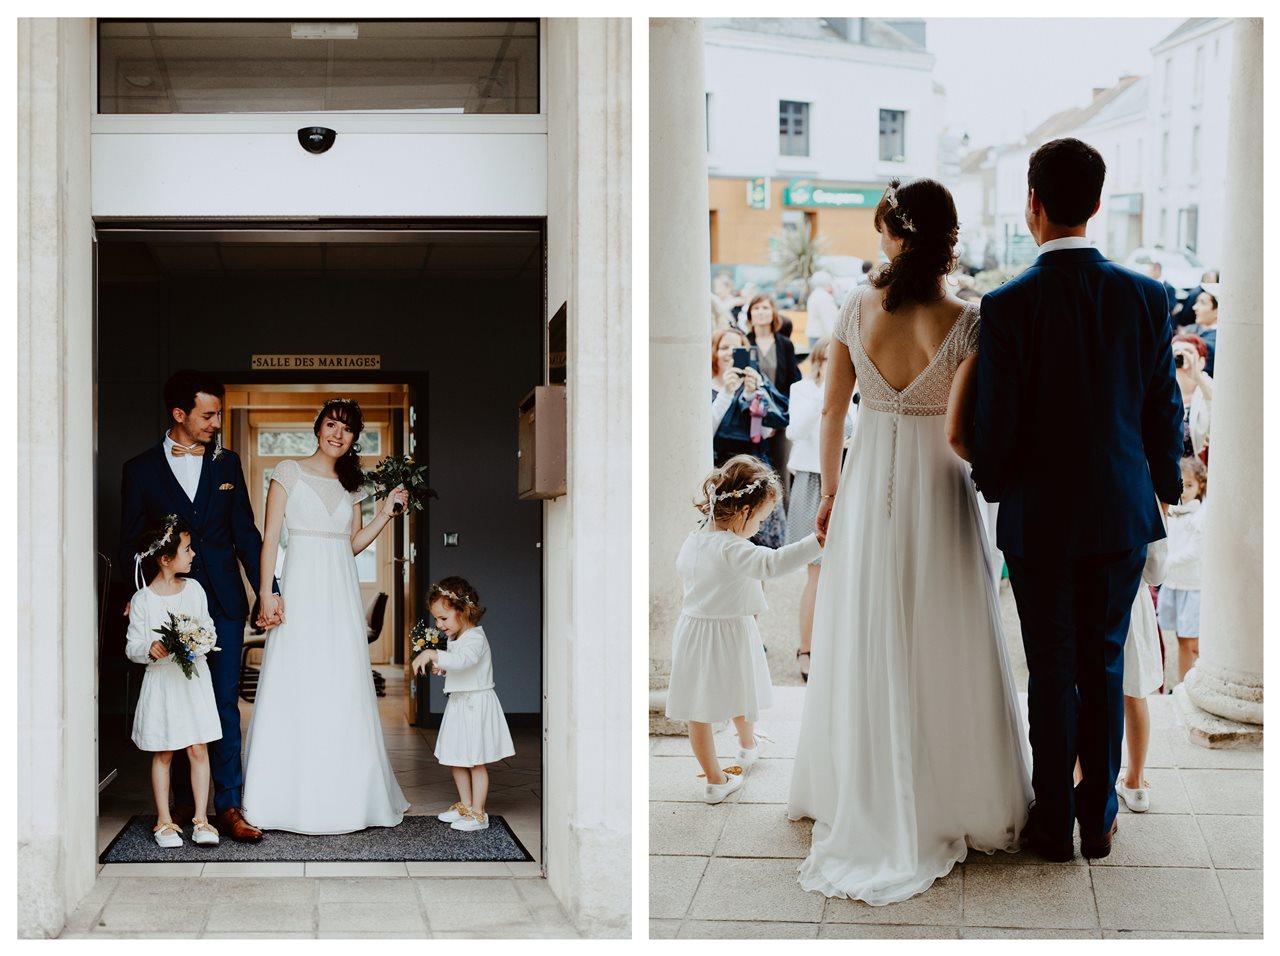 Mariage bohème nantes sortie mariés mairie